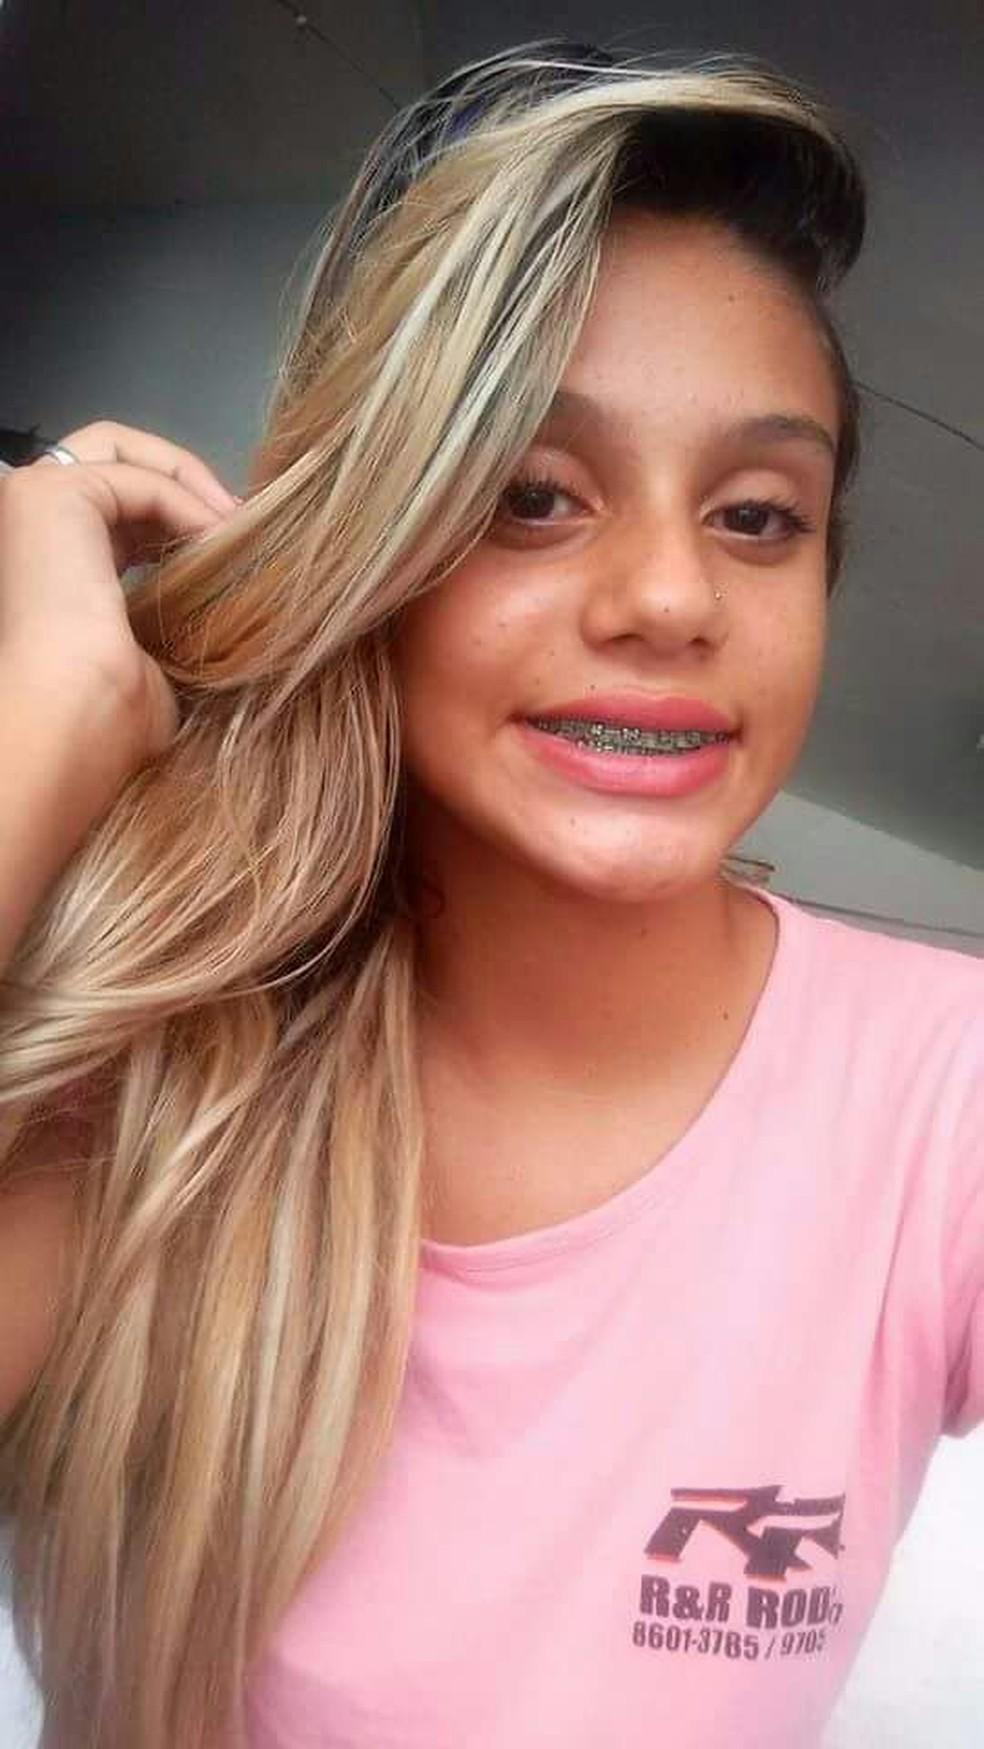 Maria Raquel Silva Almeida tinha 15 anos quando foi assassinada — Foto: PM/Divulgação